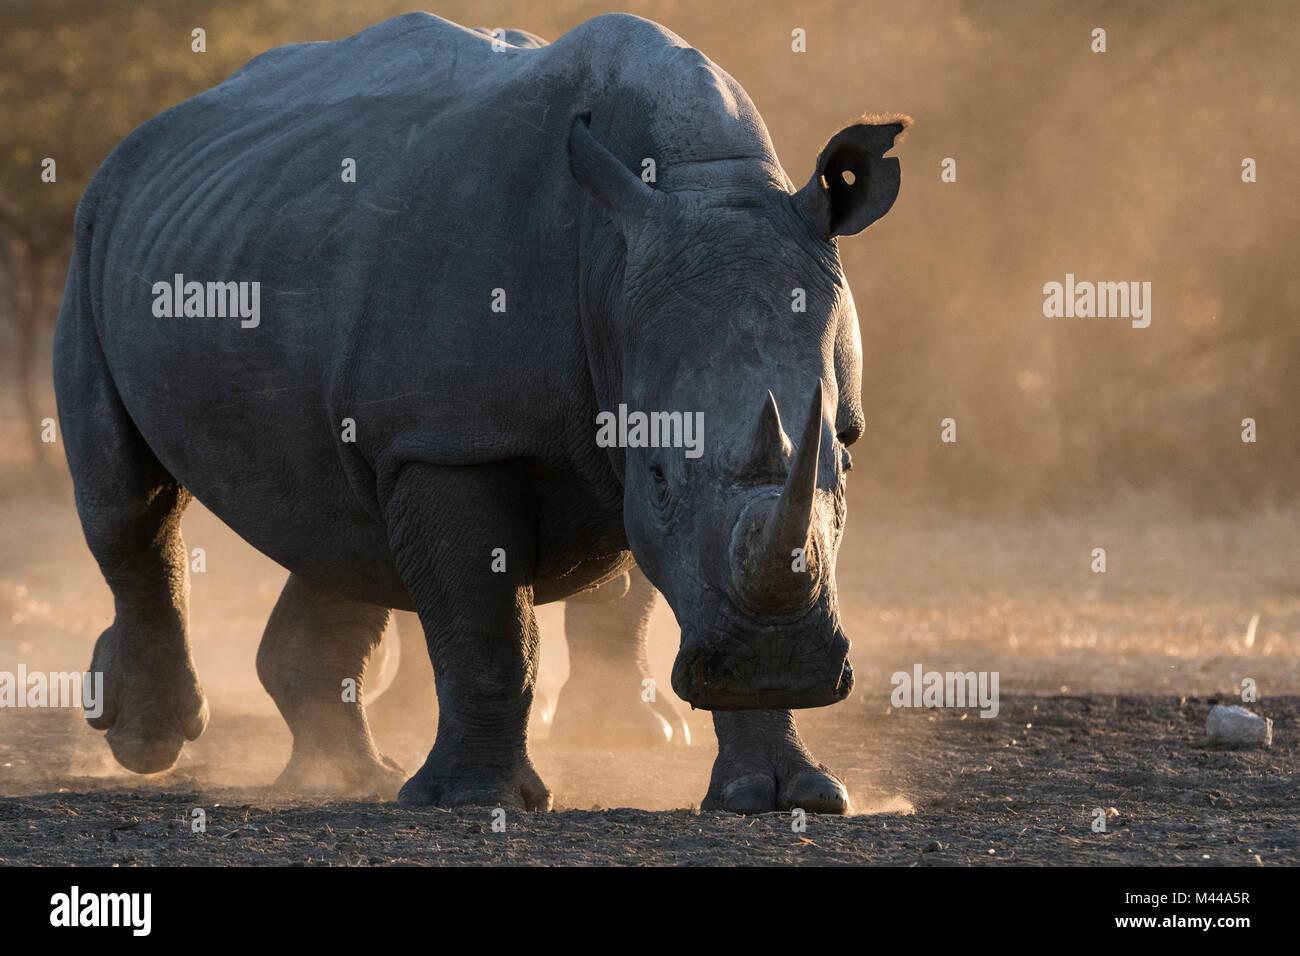 White rhinoceros (Ceratotherium simum) in dust, Kalahari, Botswana - Stock Photo